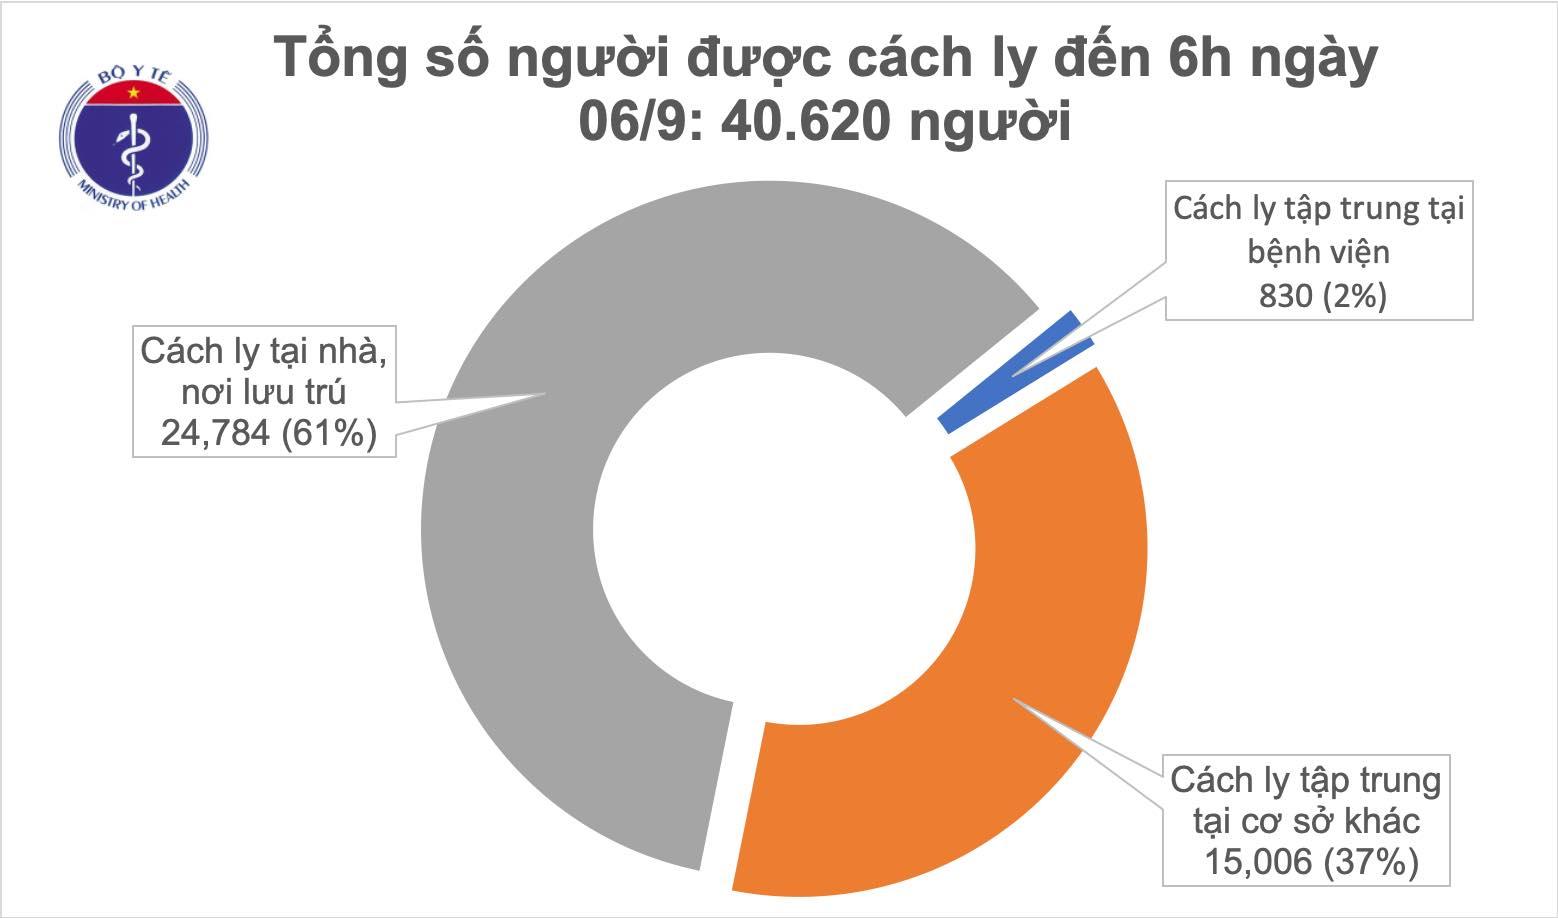 Đã 36h không có mắc mới COVID-19, Hải Dương xử phạt người vi phạm cách ly 2 triệu đồng - Ảnh 1